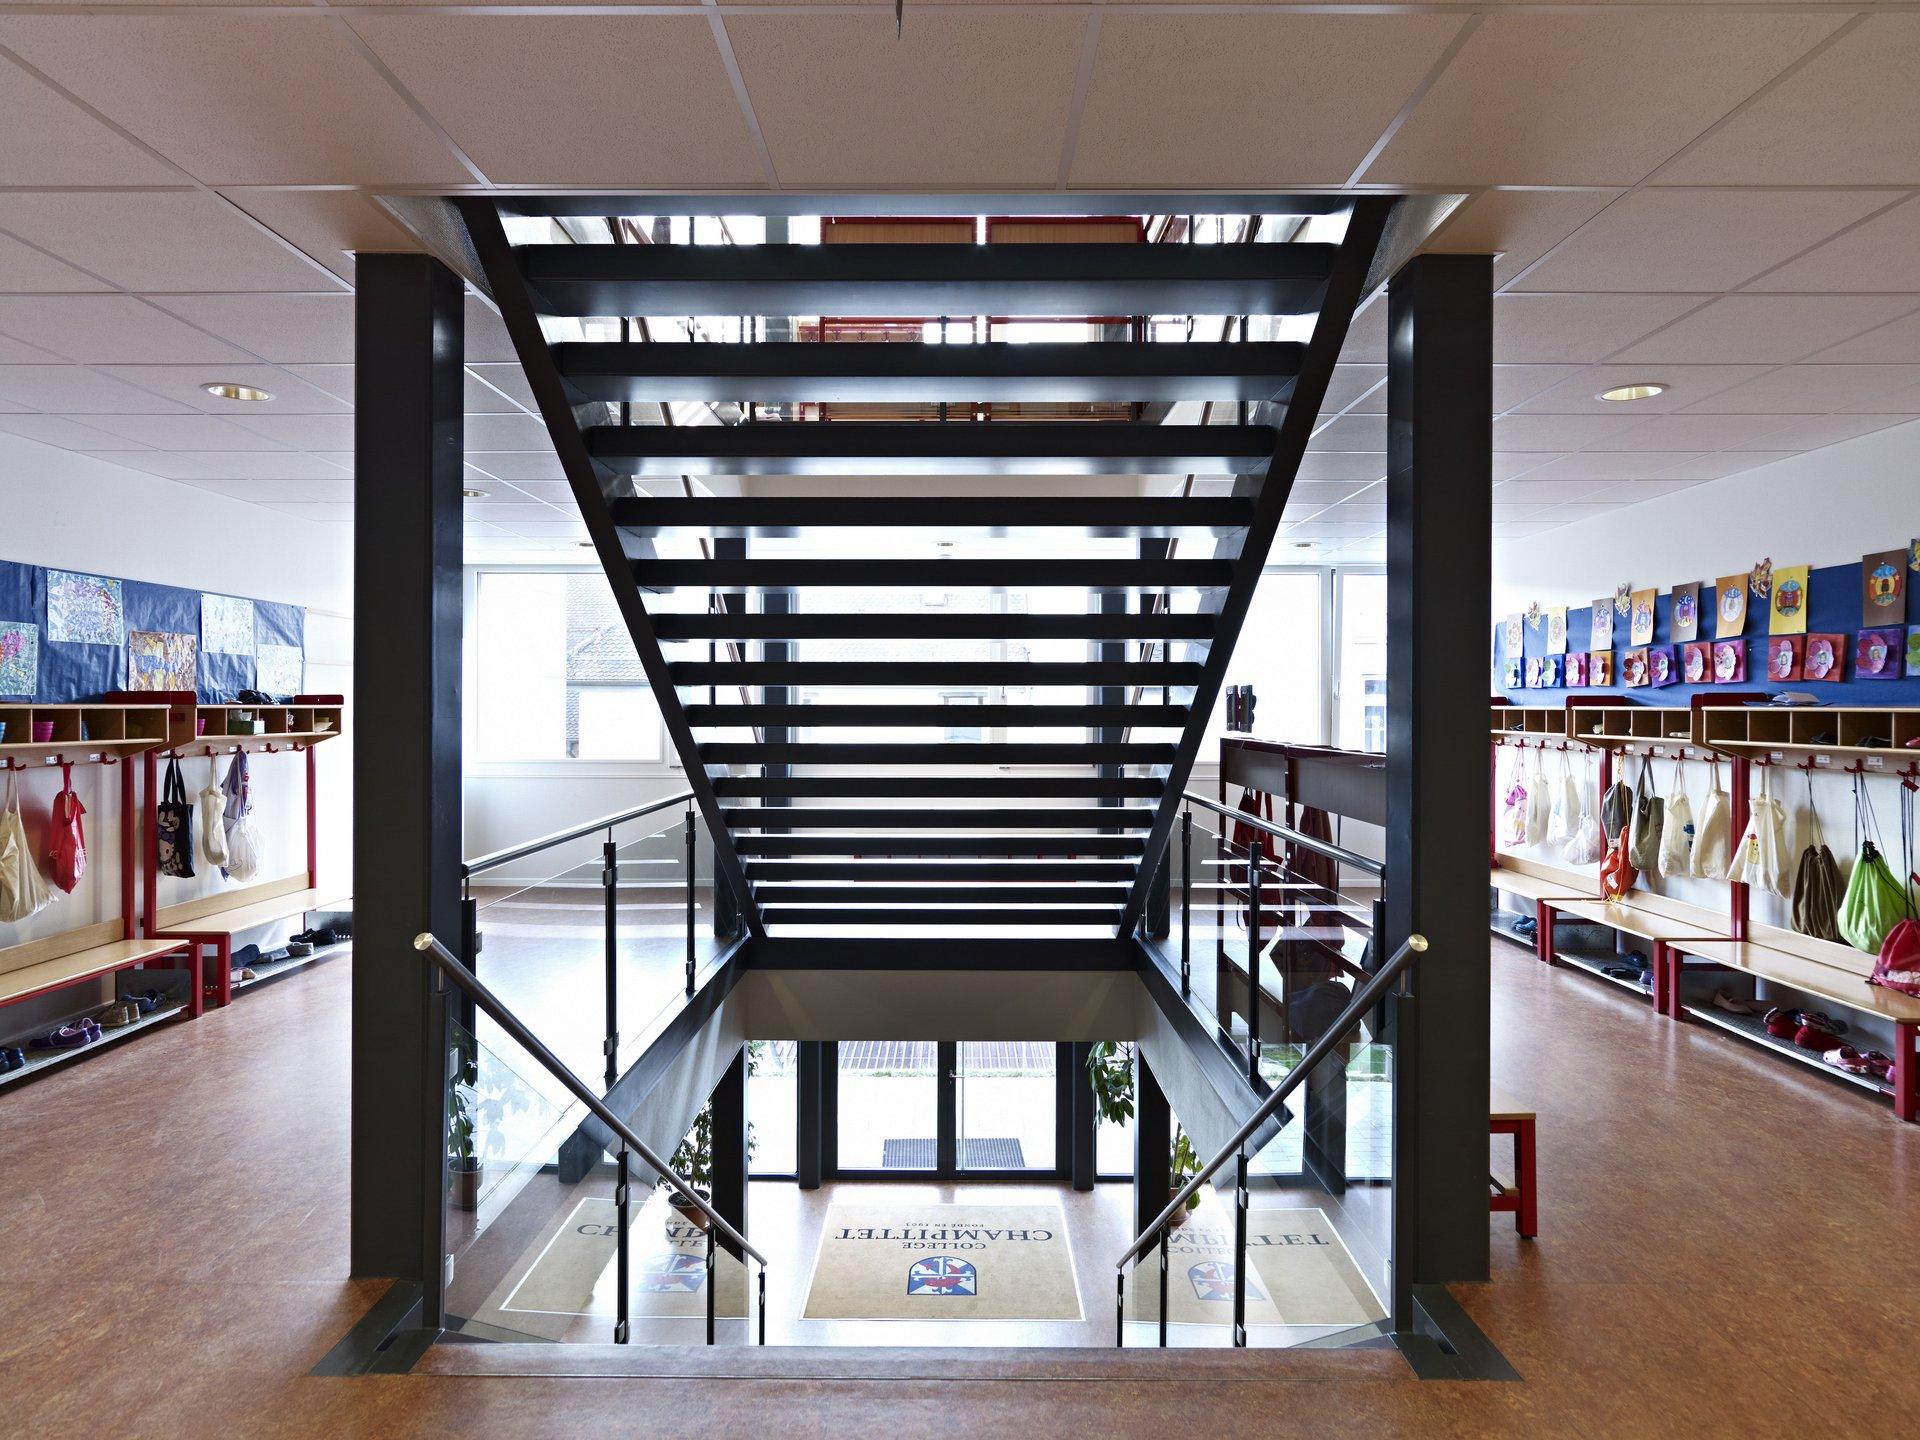 Cage d'escalier du bâtiment scolaire, de style moderne